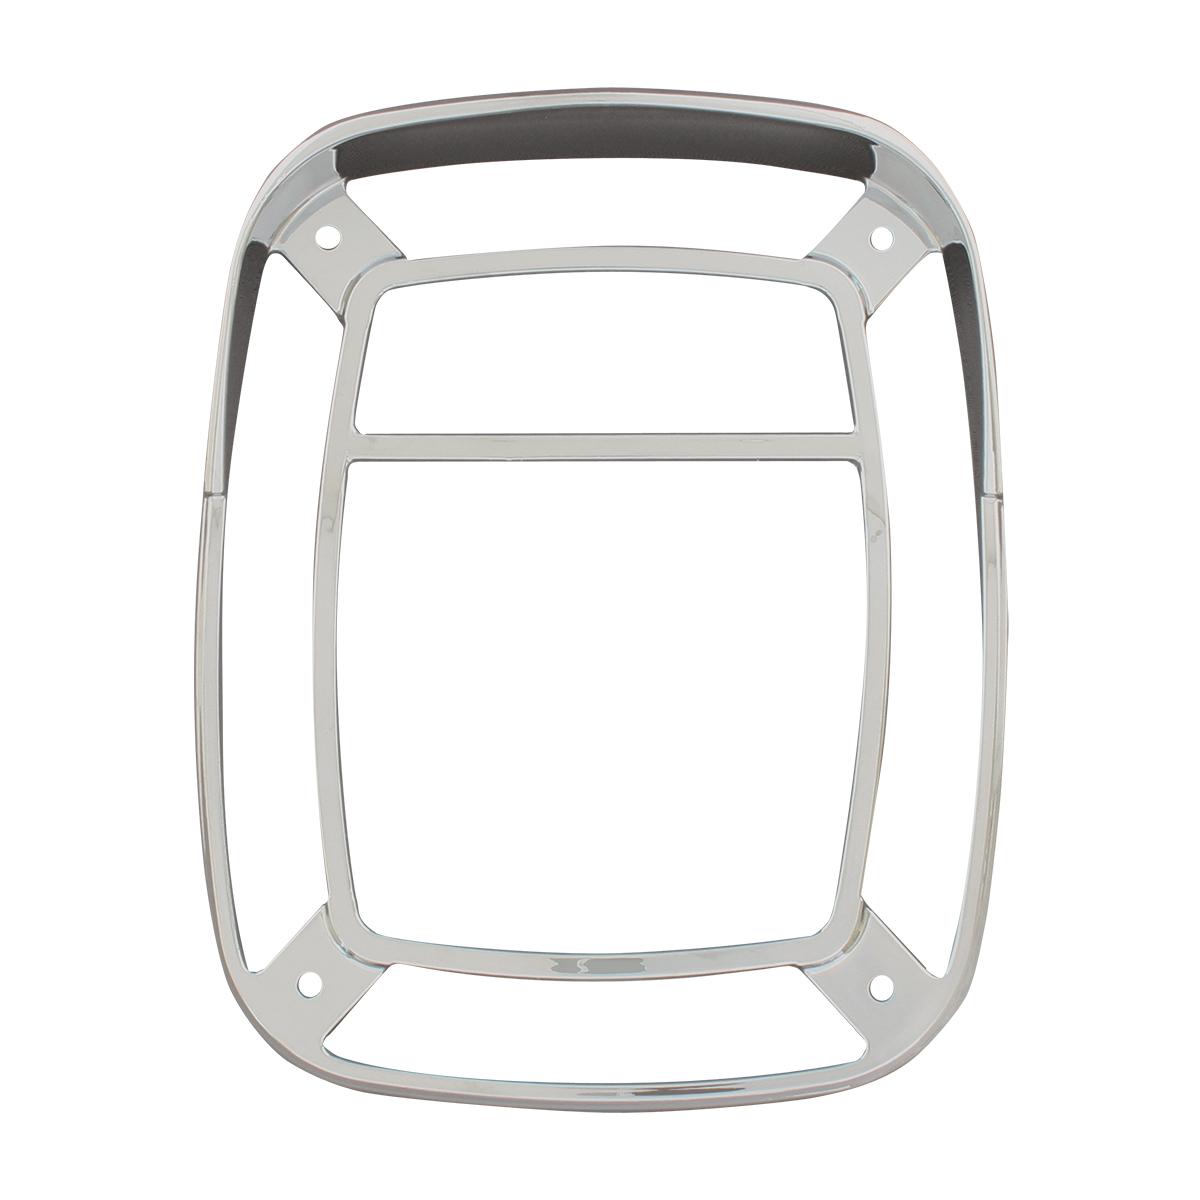 80799 Chrome Plastic Bezel w/ Visor for Universal Combination Light